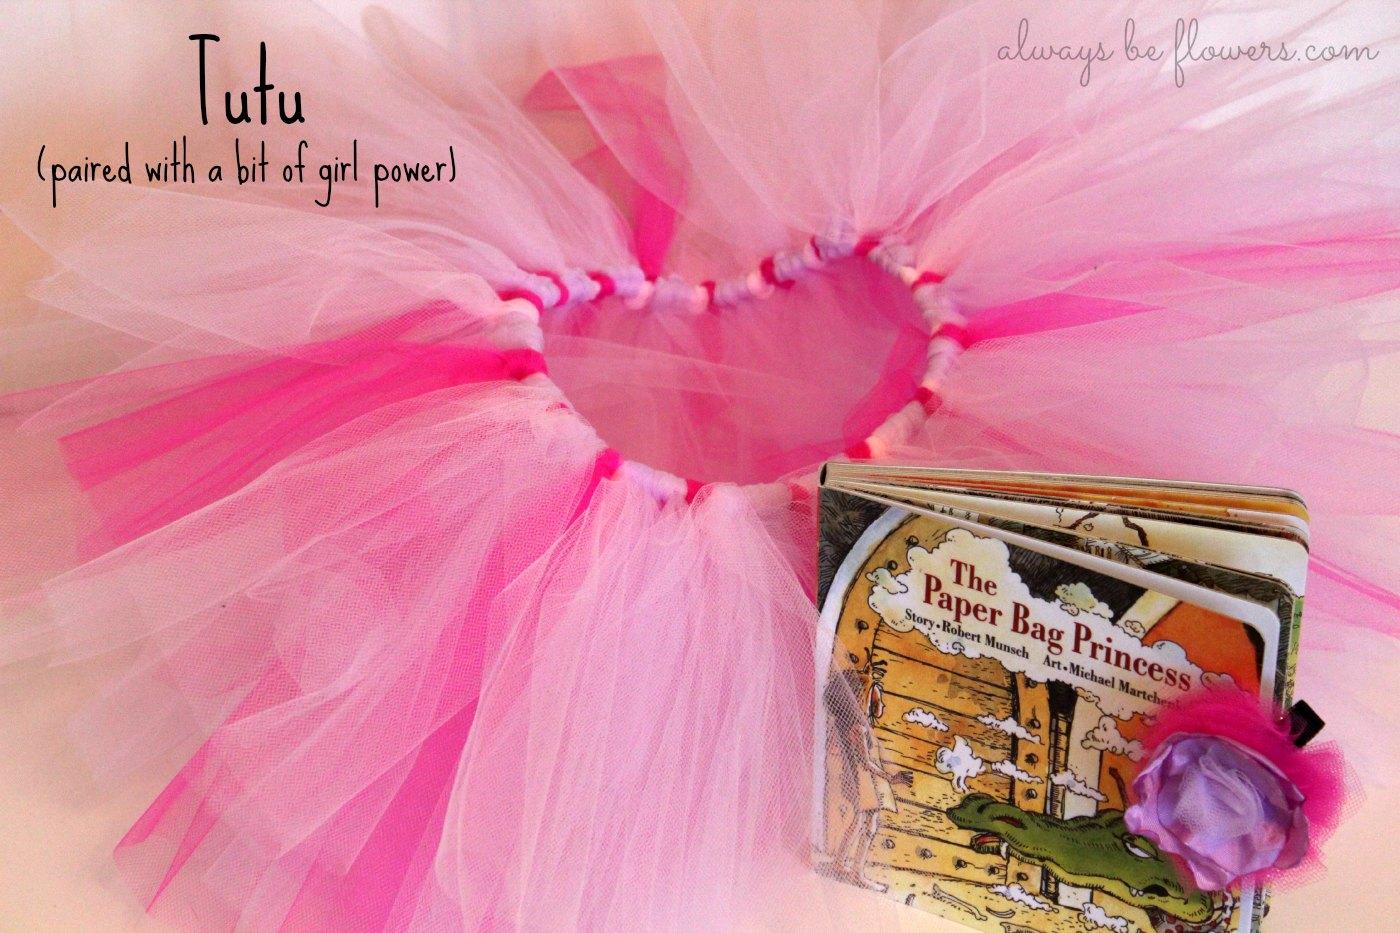 tutu-paper-bag-princess.jpg